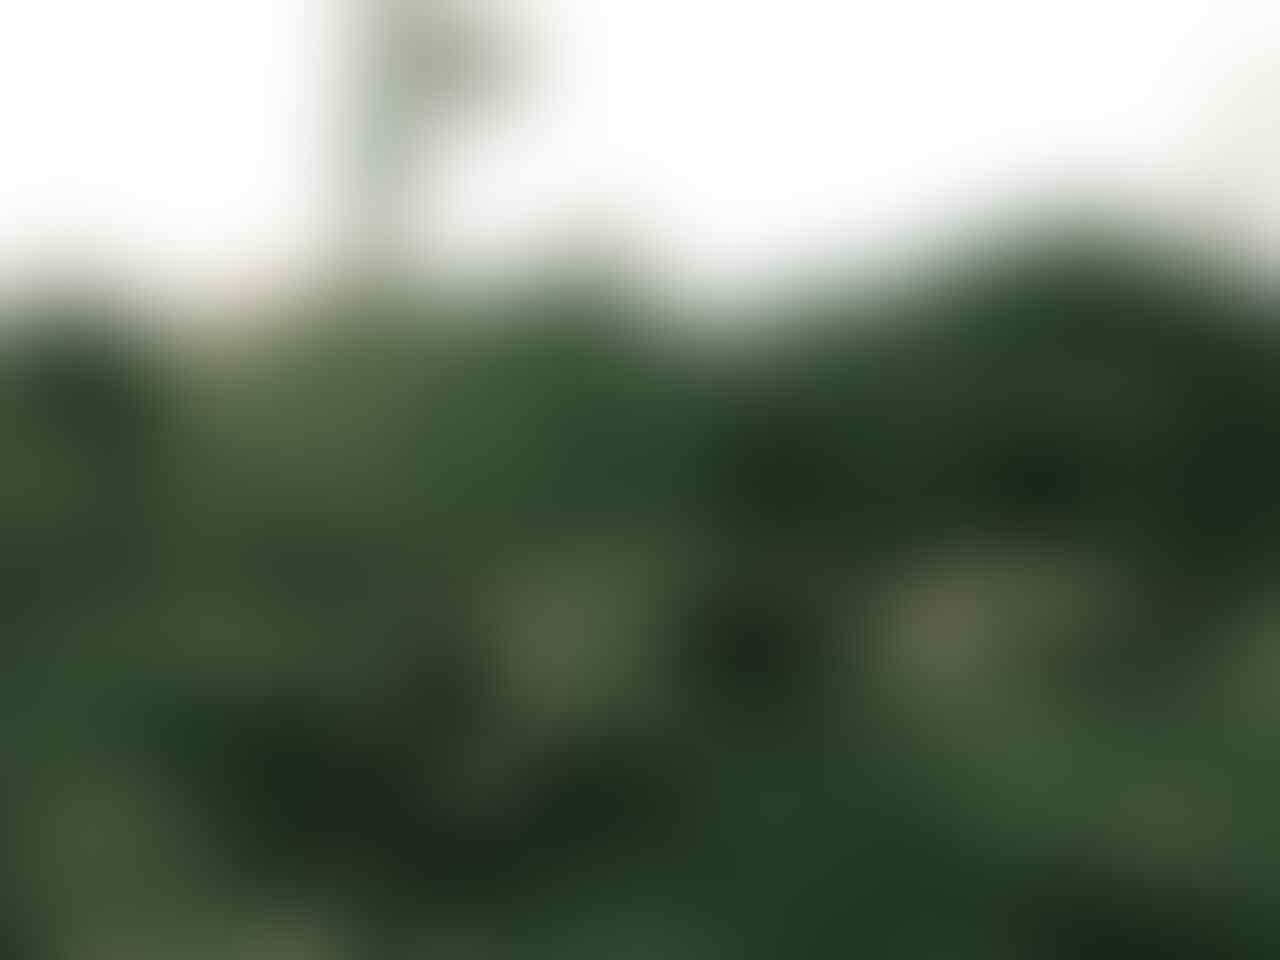 KISAH Menembus Waktu ( Bertemu Diri Sendiri di Segoro Wedi ) Puncak Sindoro